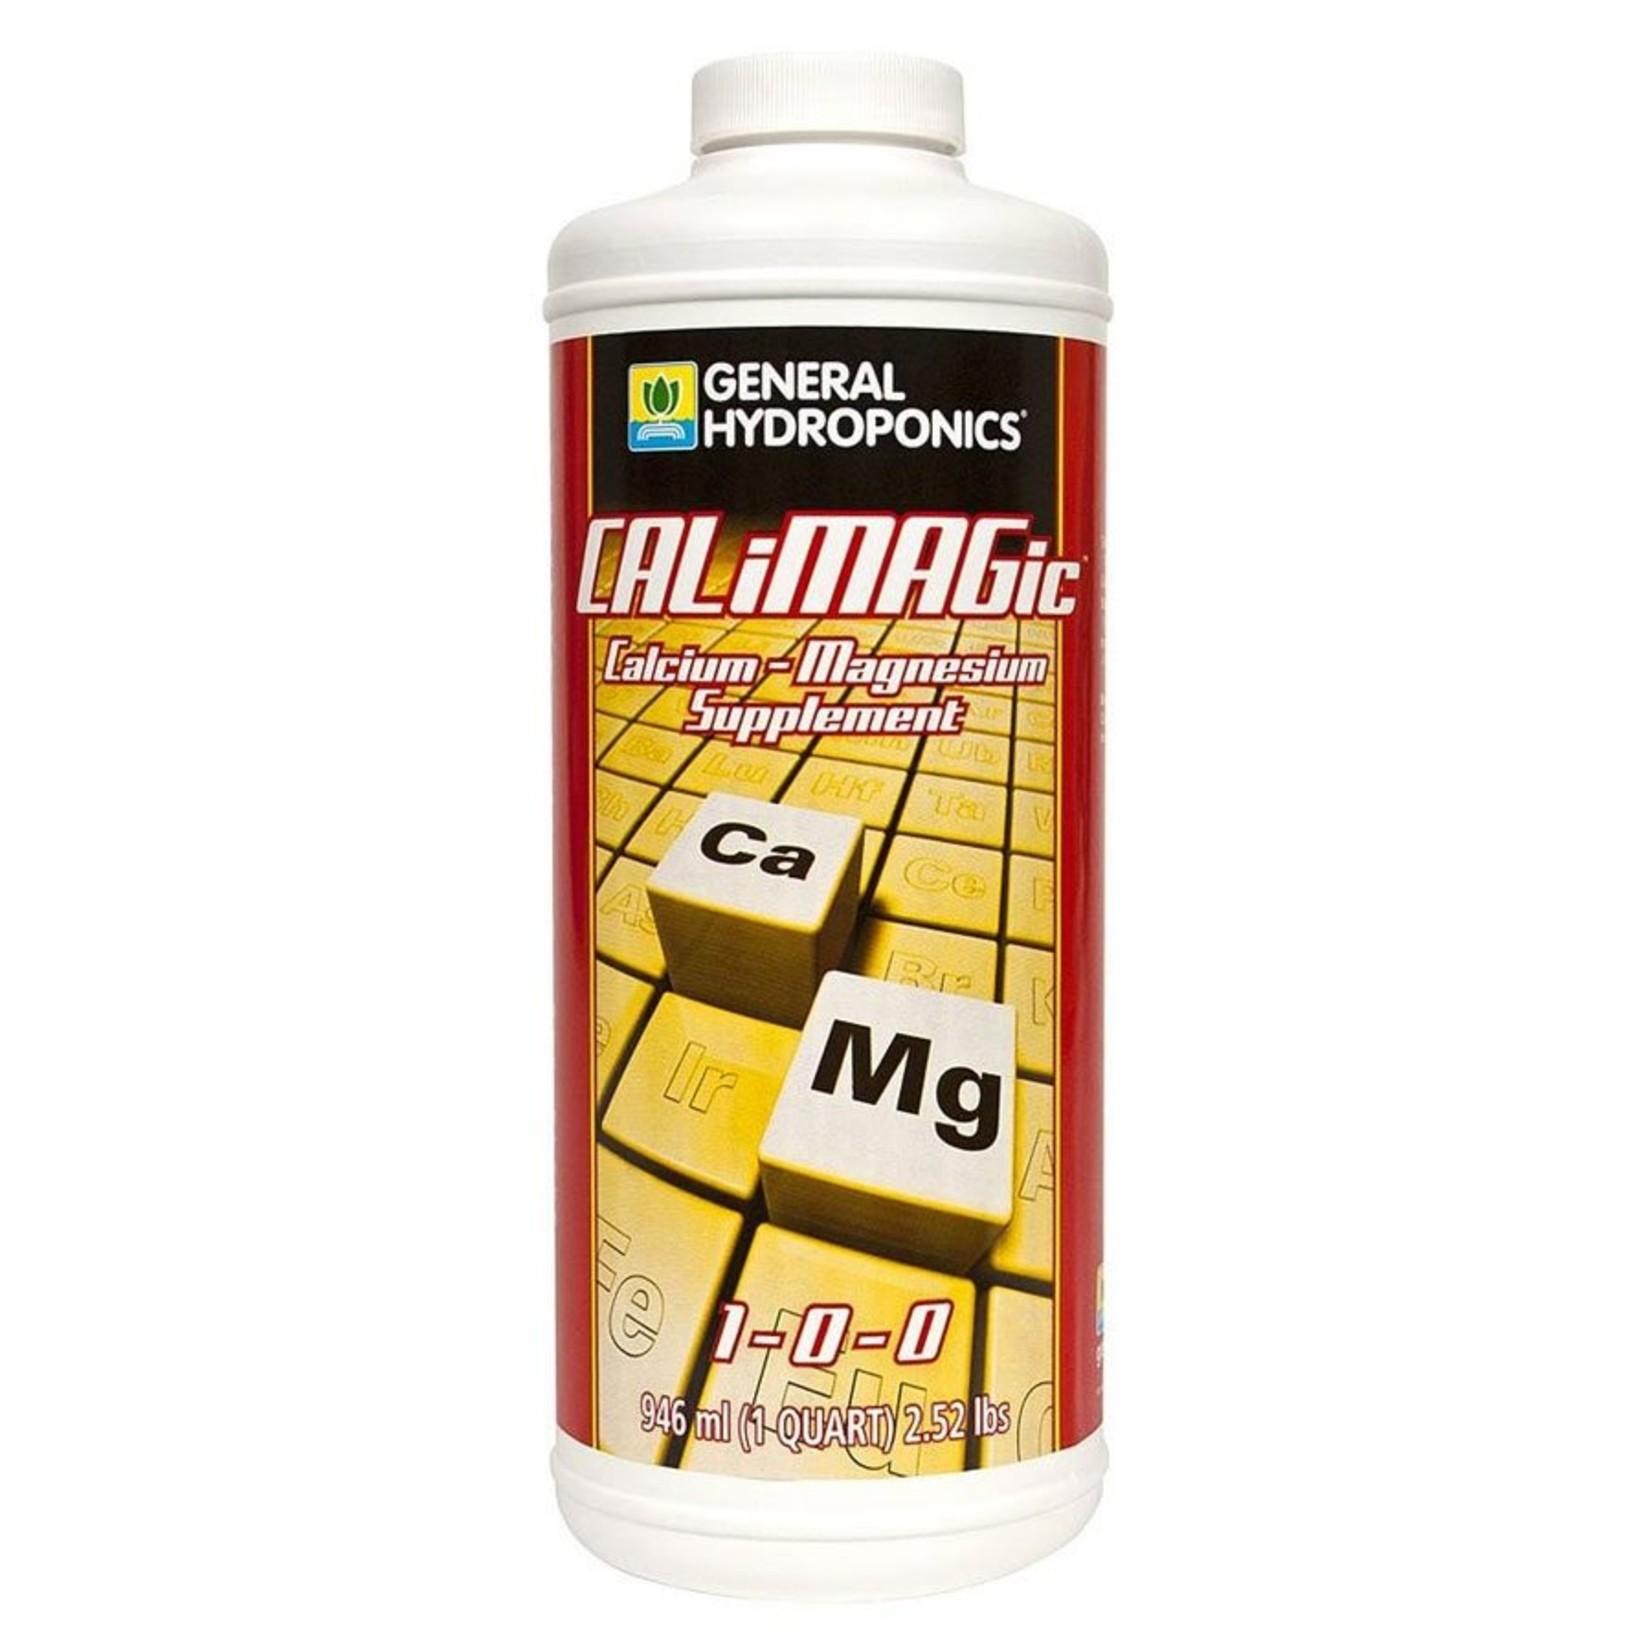 General Hydroponics GH CALIMAGIC CALCIUM + MAGNESIUM